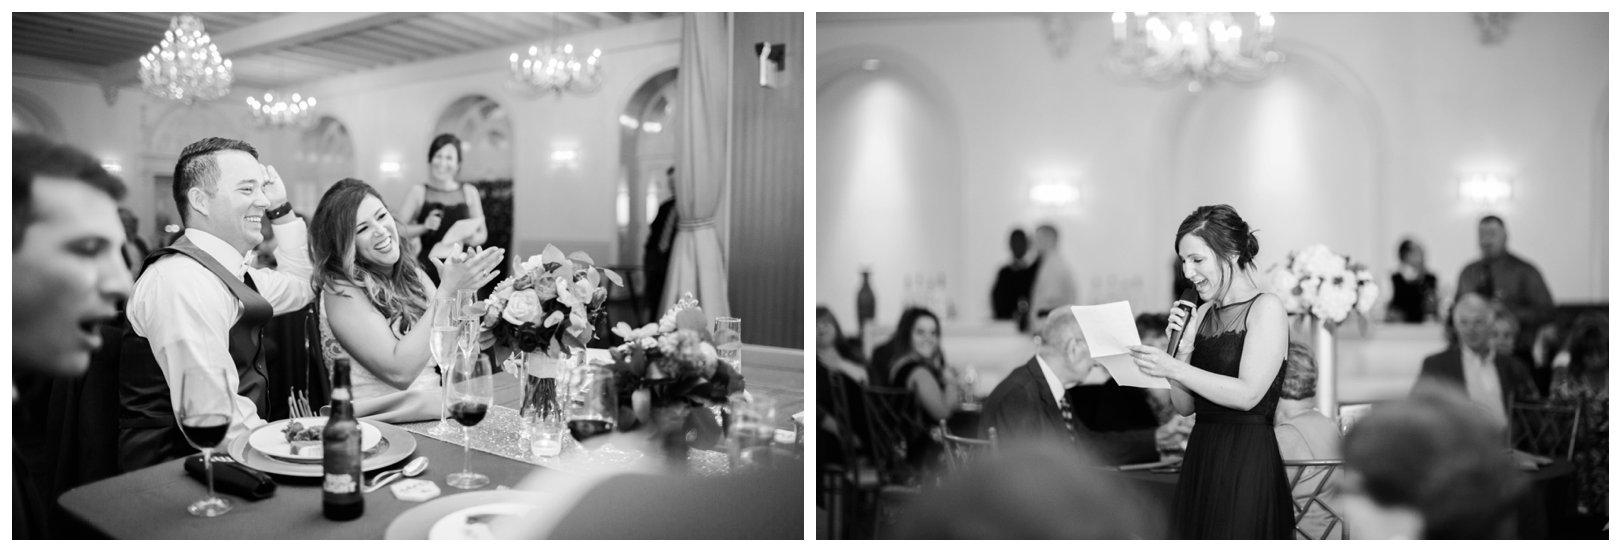 lauren muckler photography_fine art film wedding photography_st louis_photography_1209.jpg